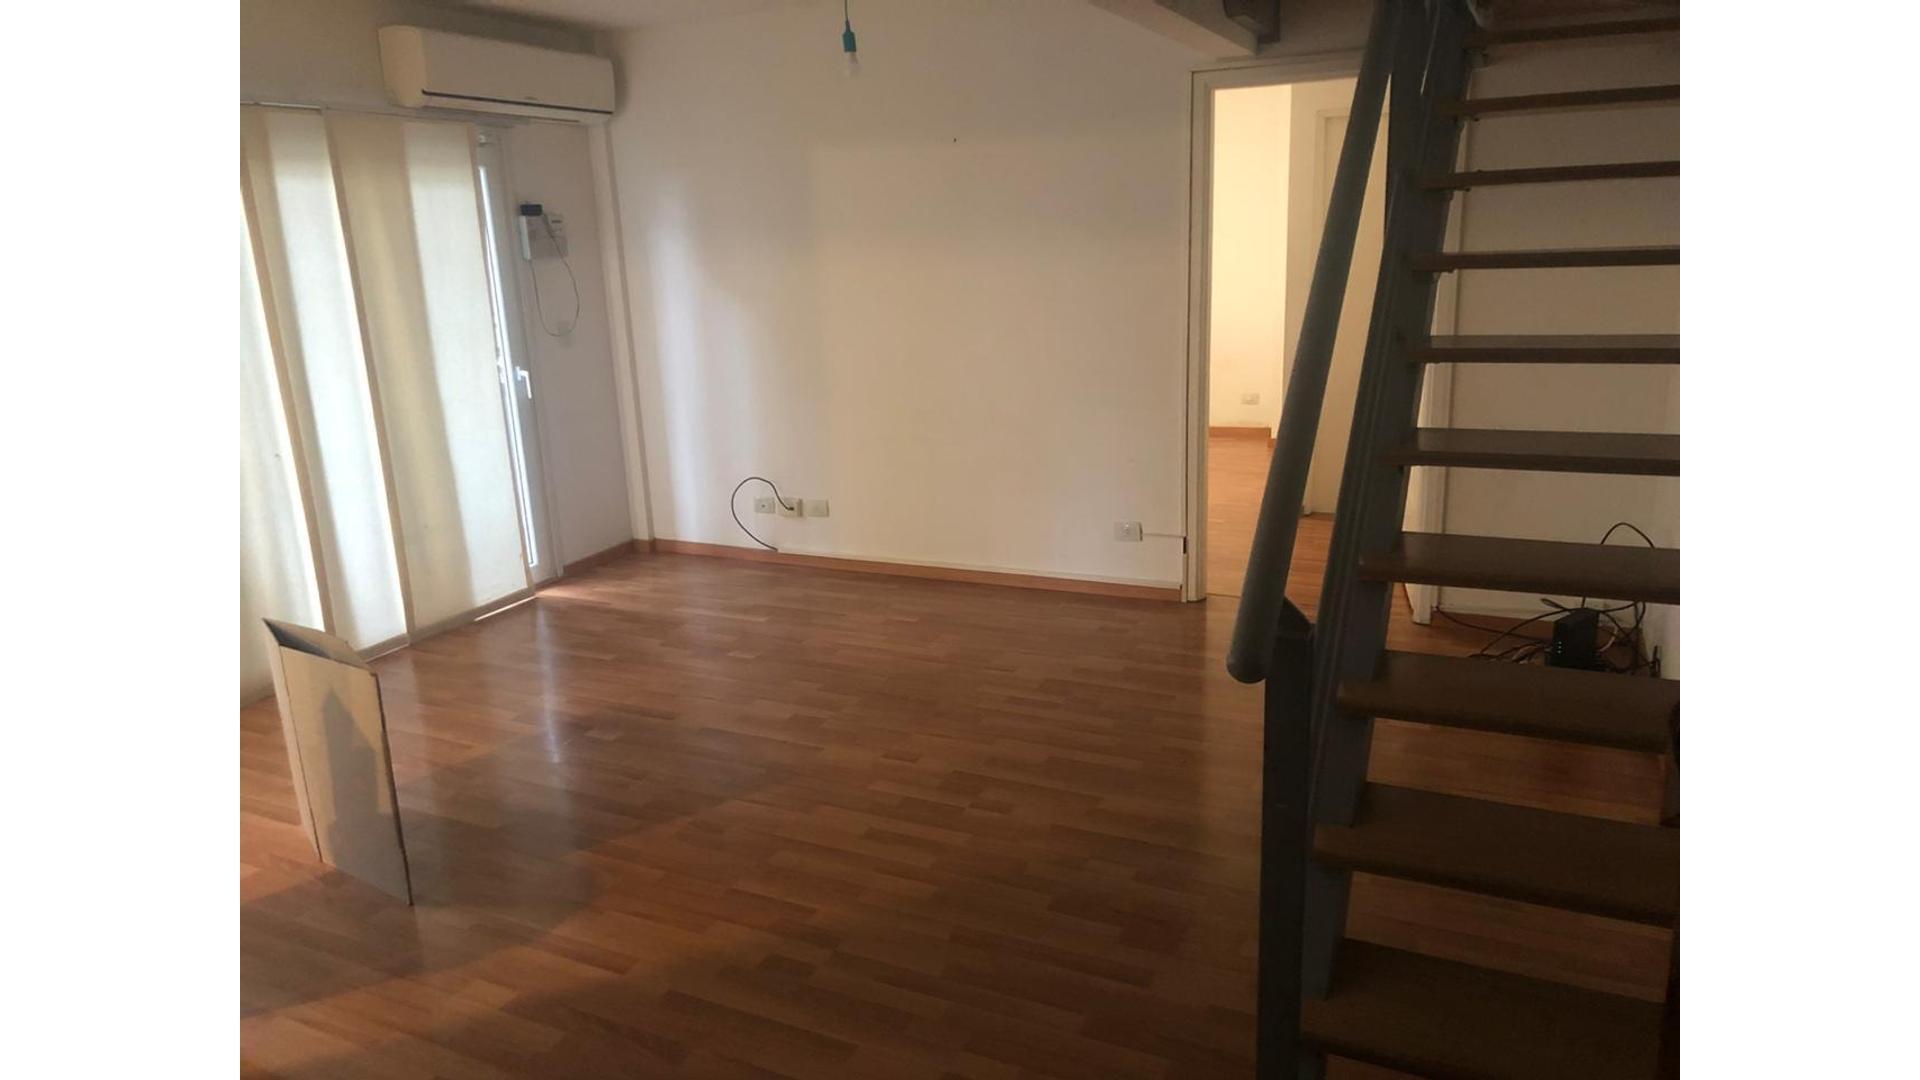 Departamento - 72 m² | 2 dormitorios | 4 años